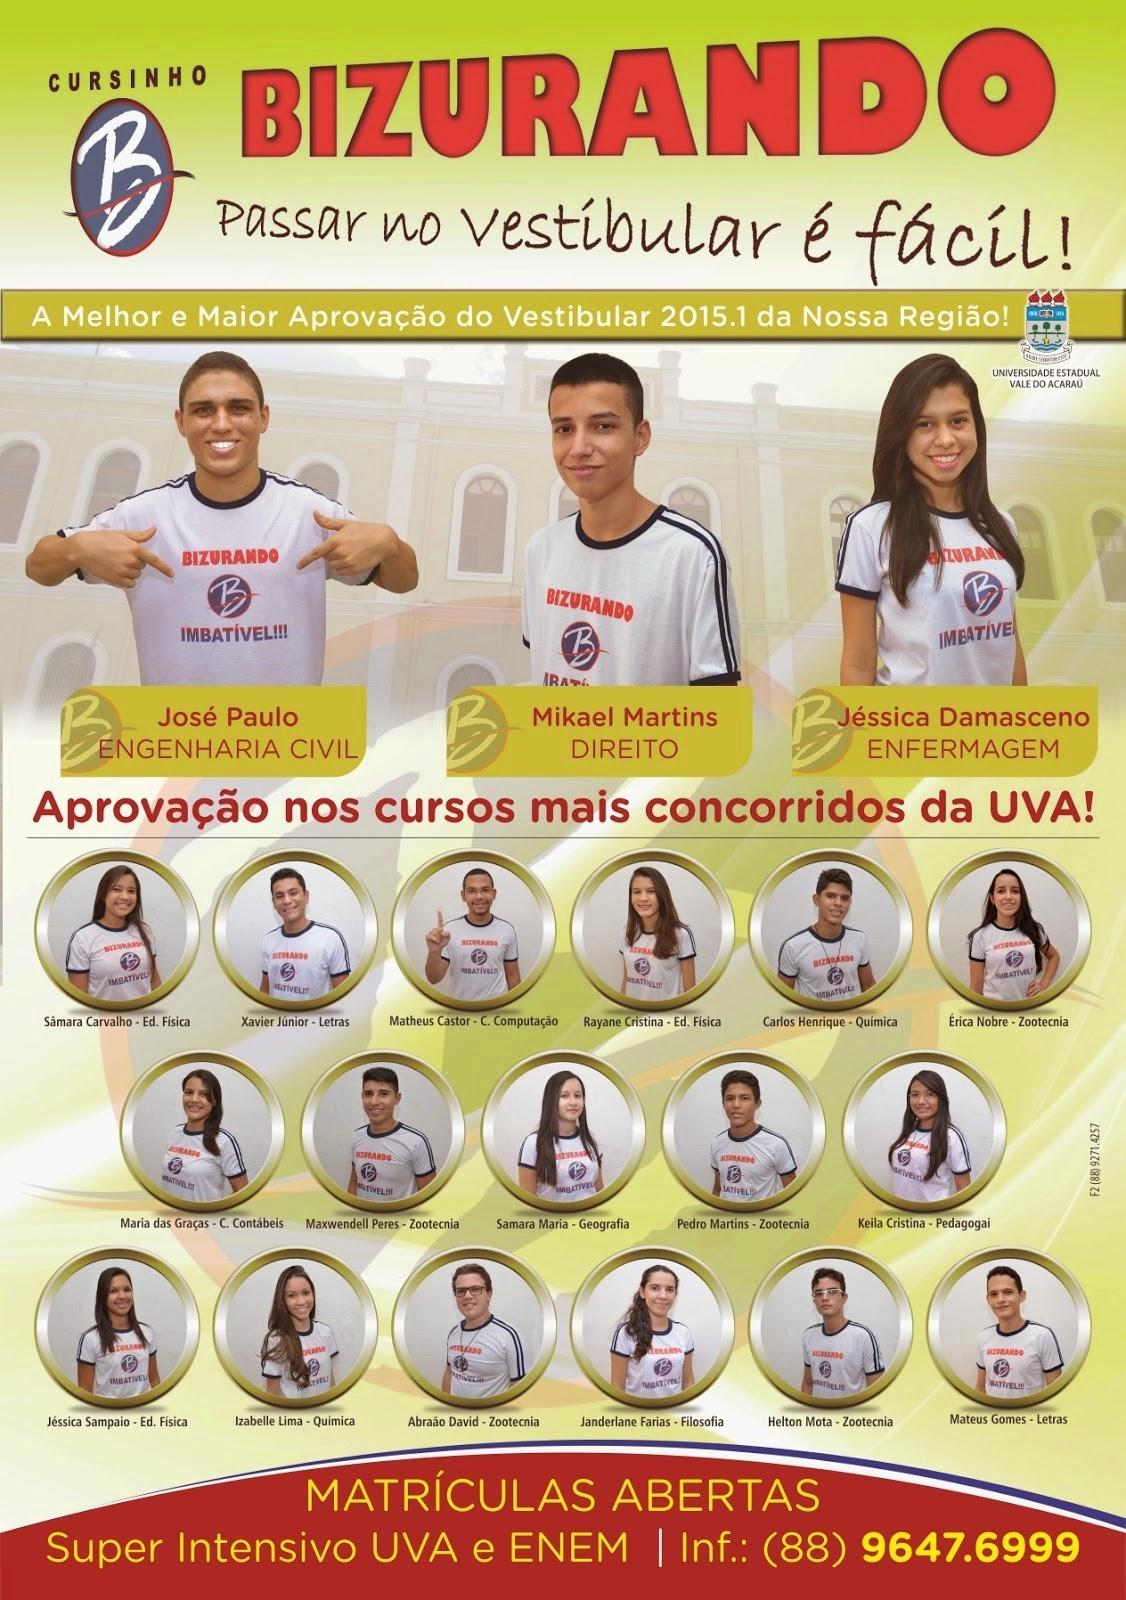 CAMPEÃO DA REGIÃO DA IBIAPABA NA UVA, DE NOVO!!!!!!